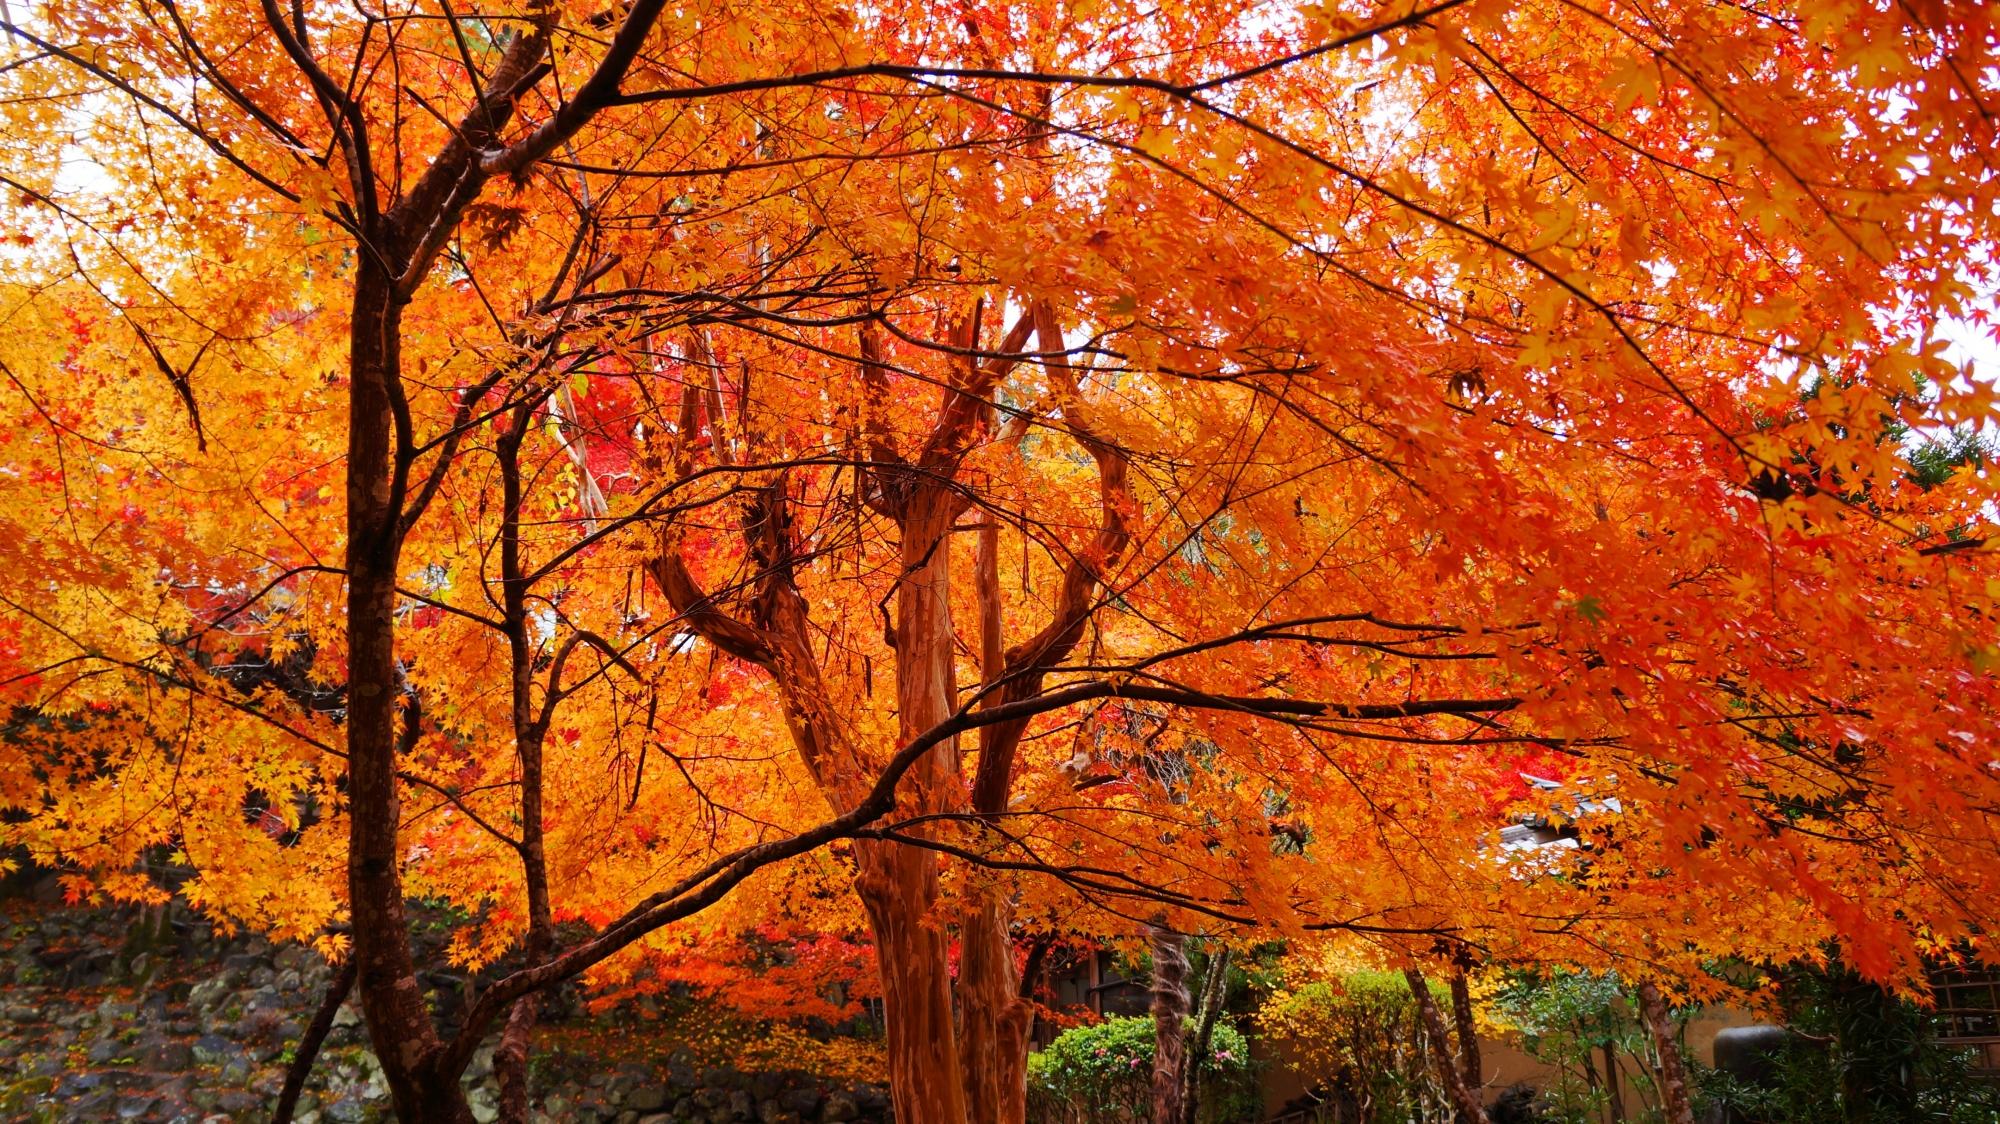 栖賢寺のオレンジ色の紅葉